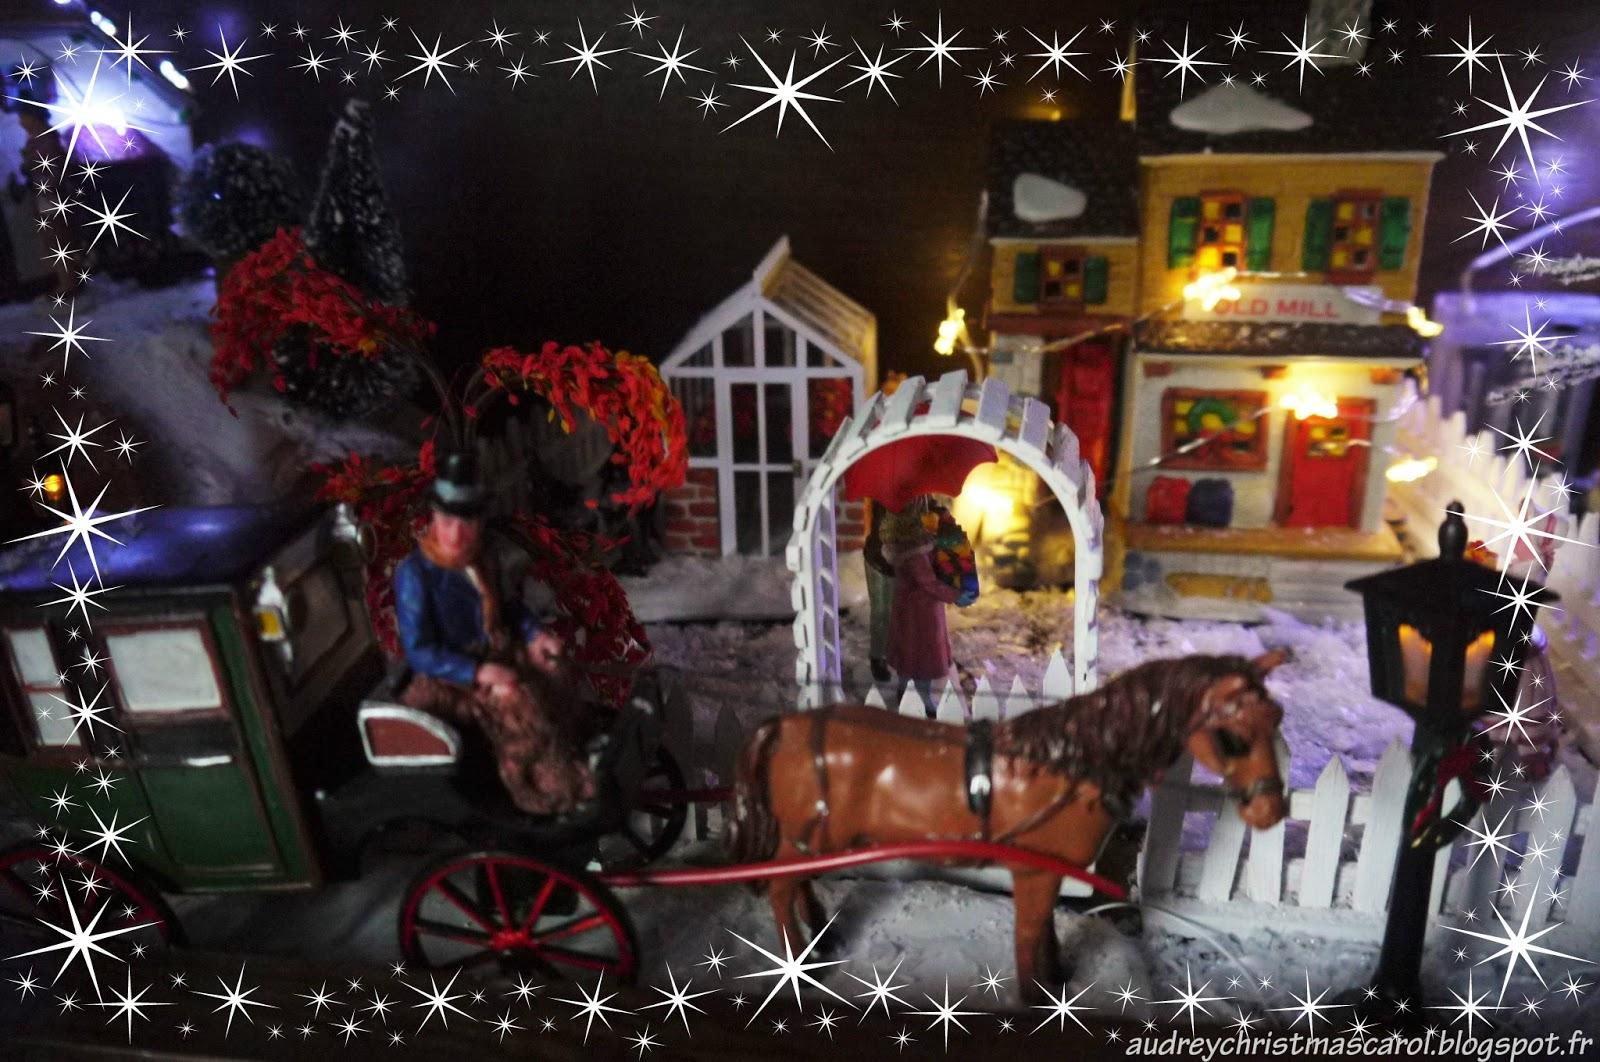 #A38528 My Christmas Carol: Lemax Christmas Village By Monique 6125 decoration de noel village miniature 1600x1062 px @ aertt.com